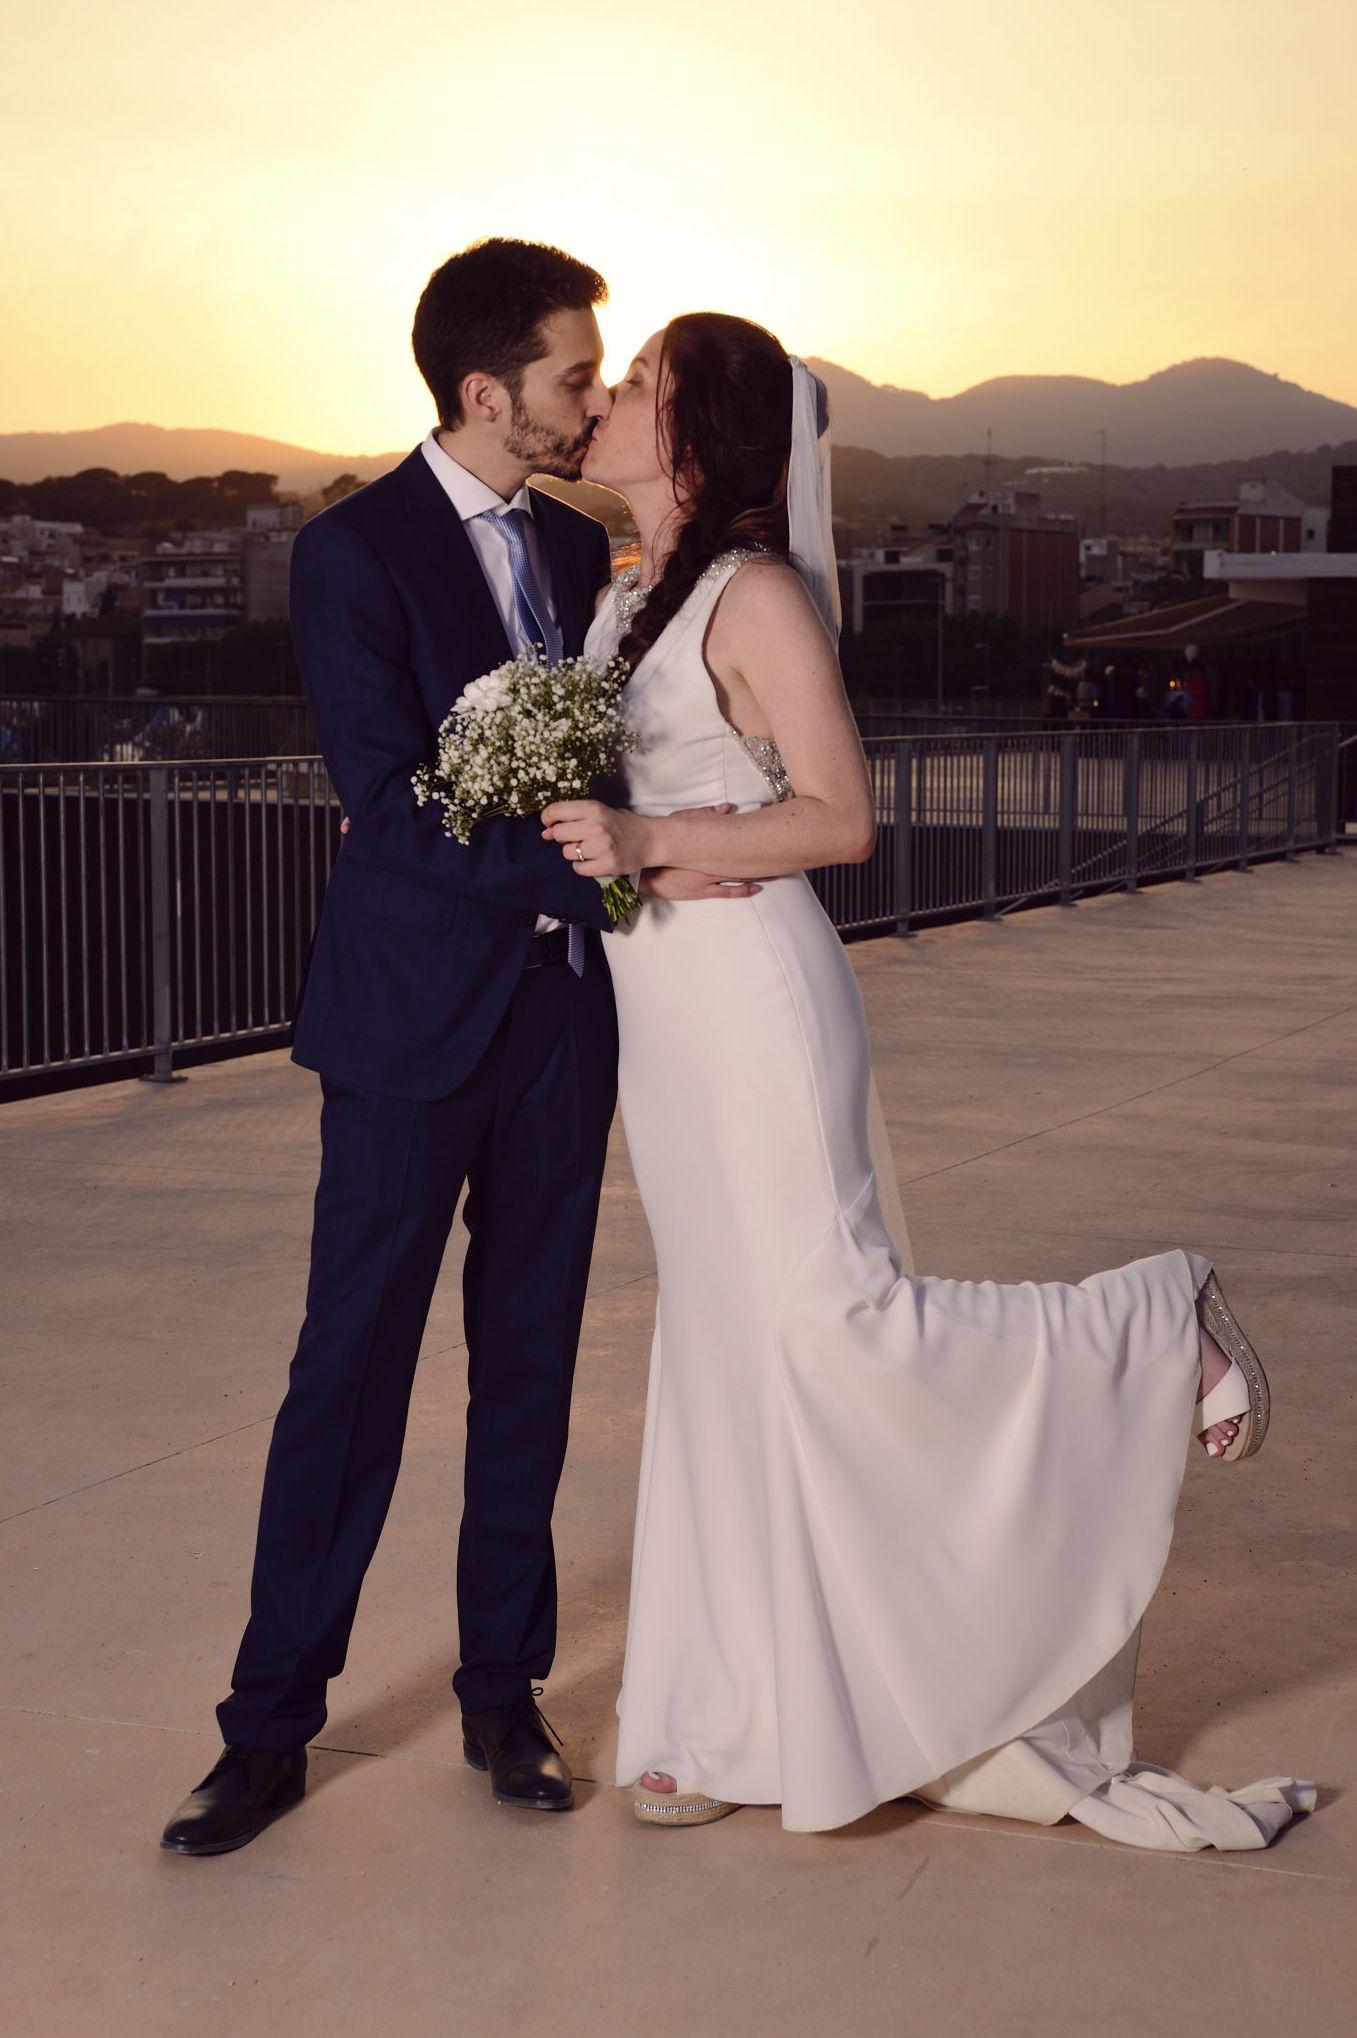 Fotografo de bodas Maresme